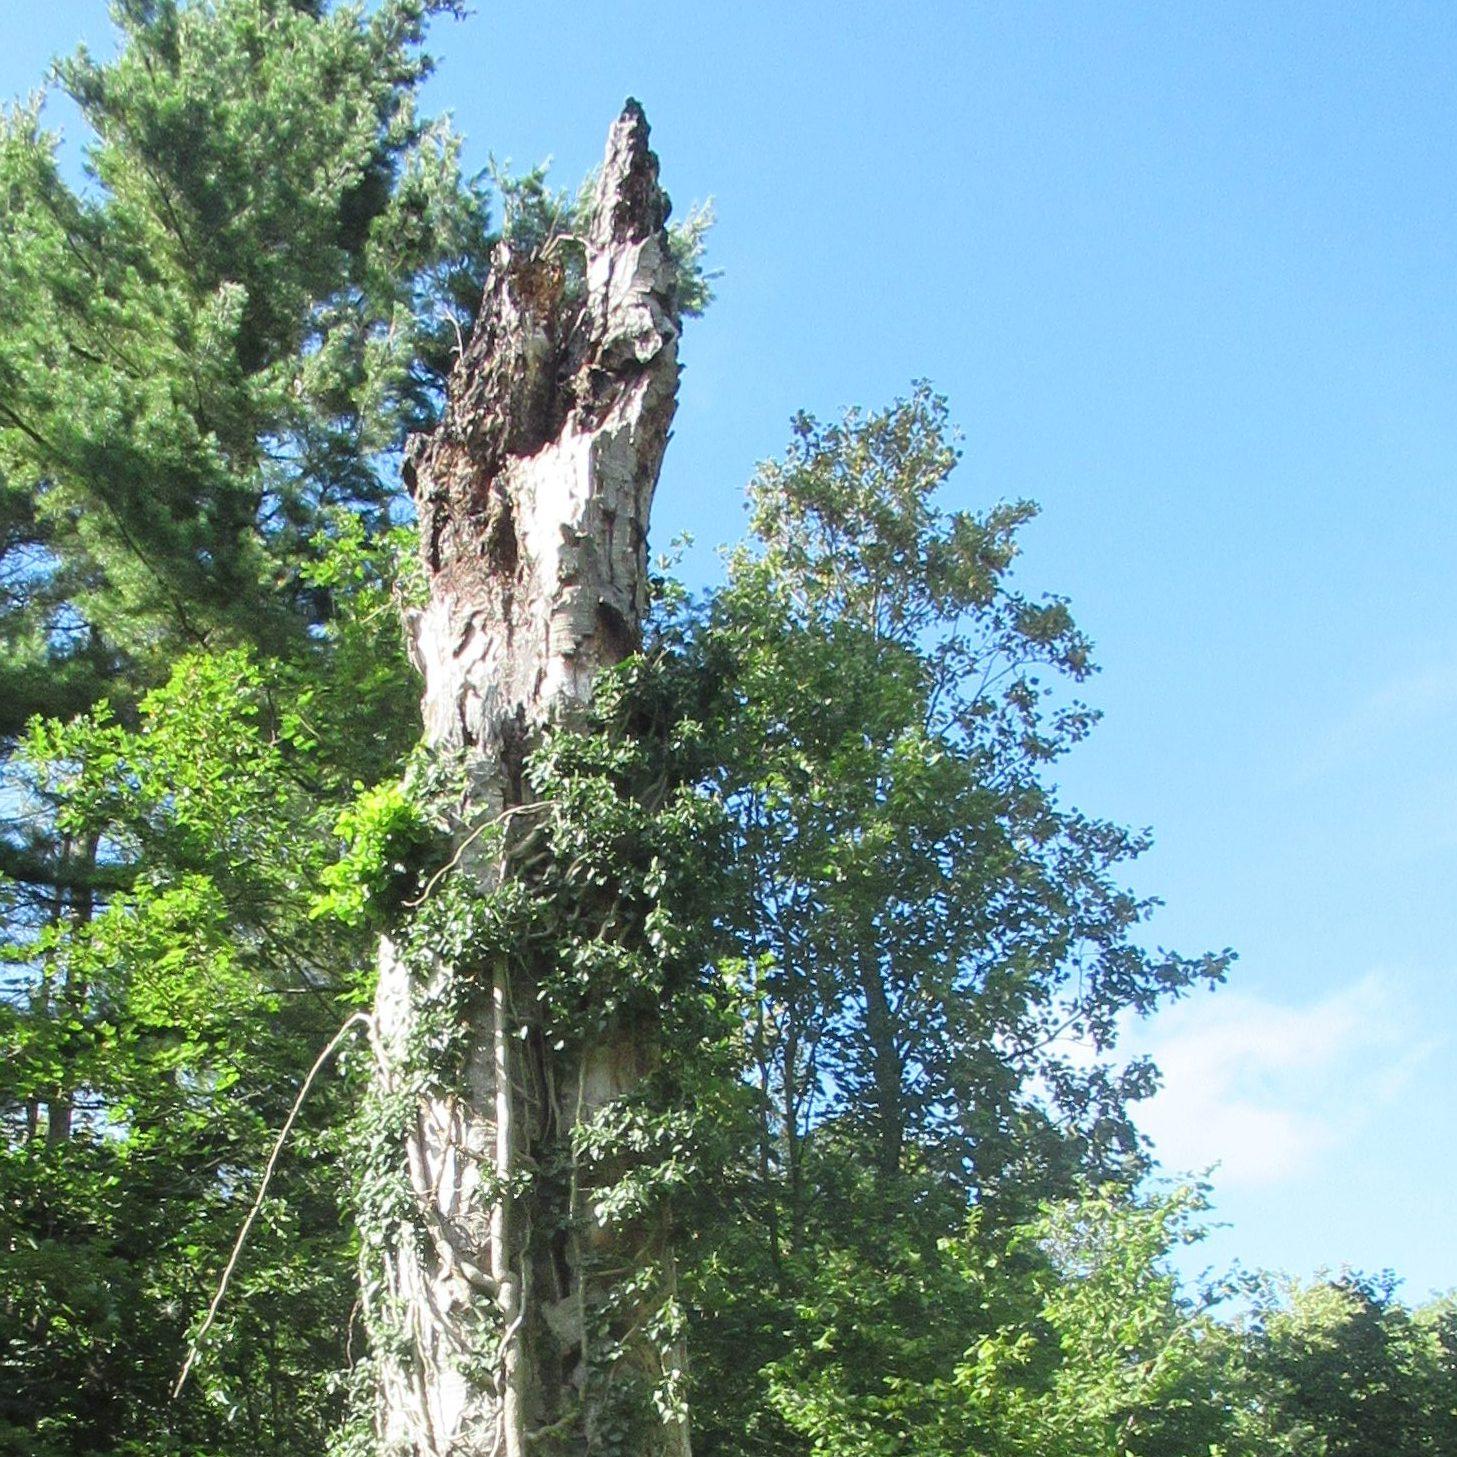 Une chandelle s'élance vers le ciel ensoleillé : il s'agit d'un arbre mort, toujours vertical.